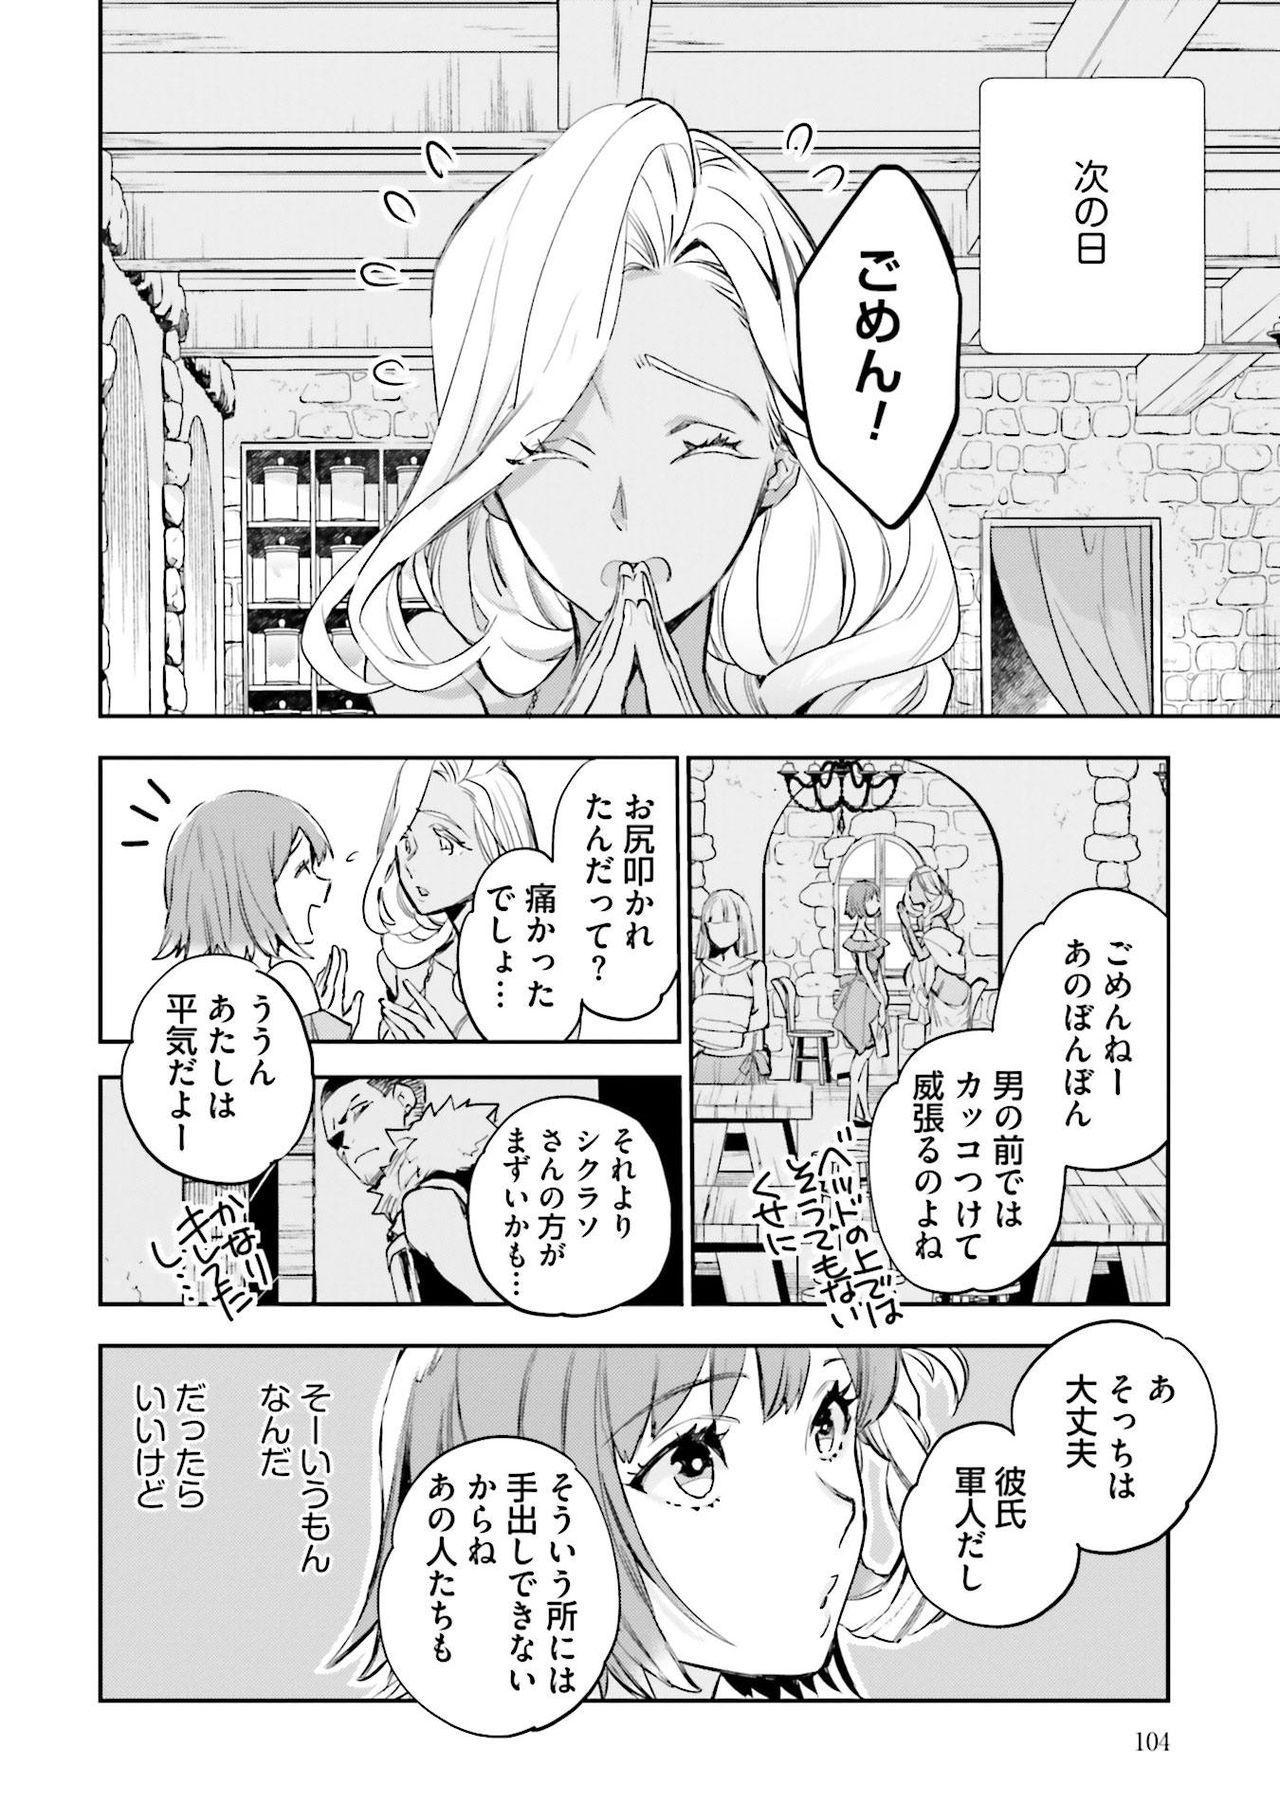 JK Haru wa Isekai de Shoufu ni Natta 1-14 292